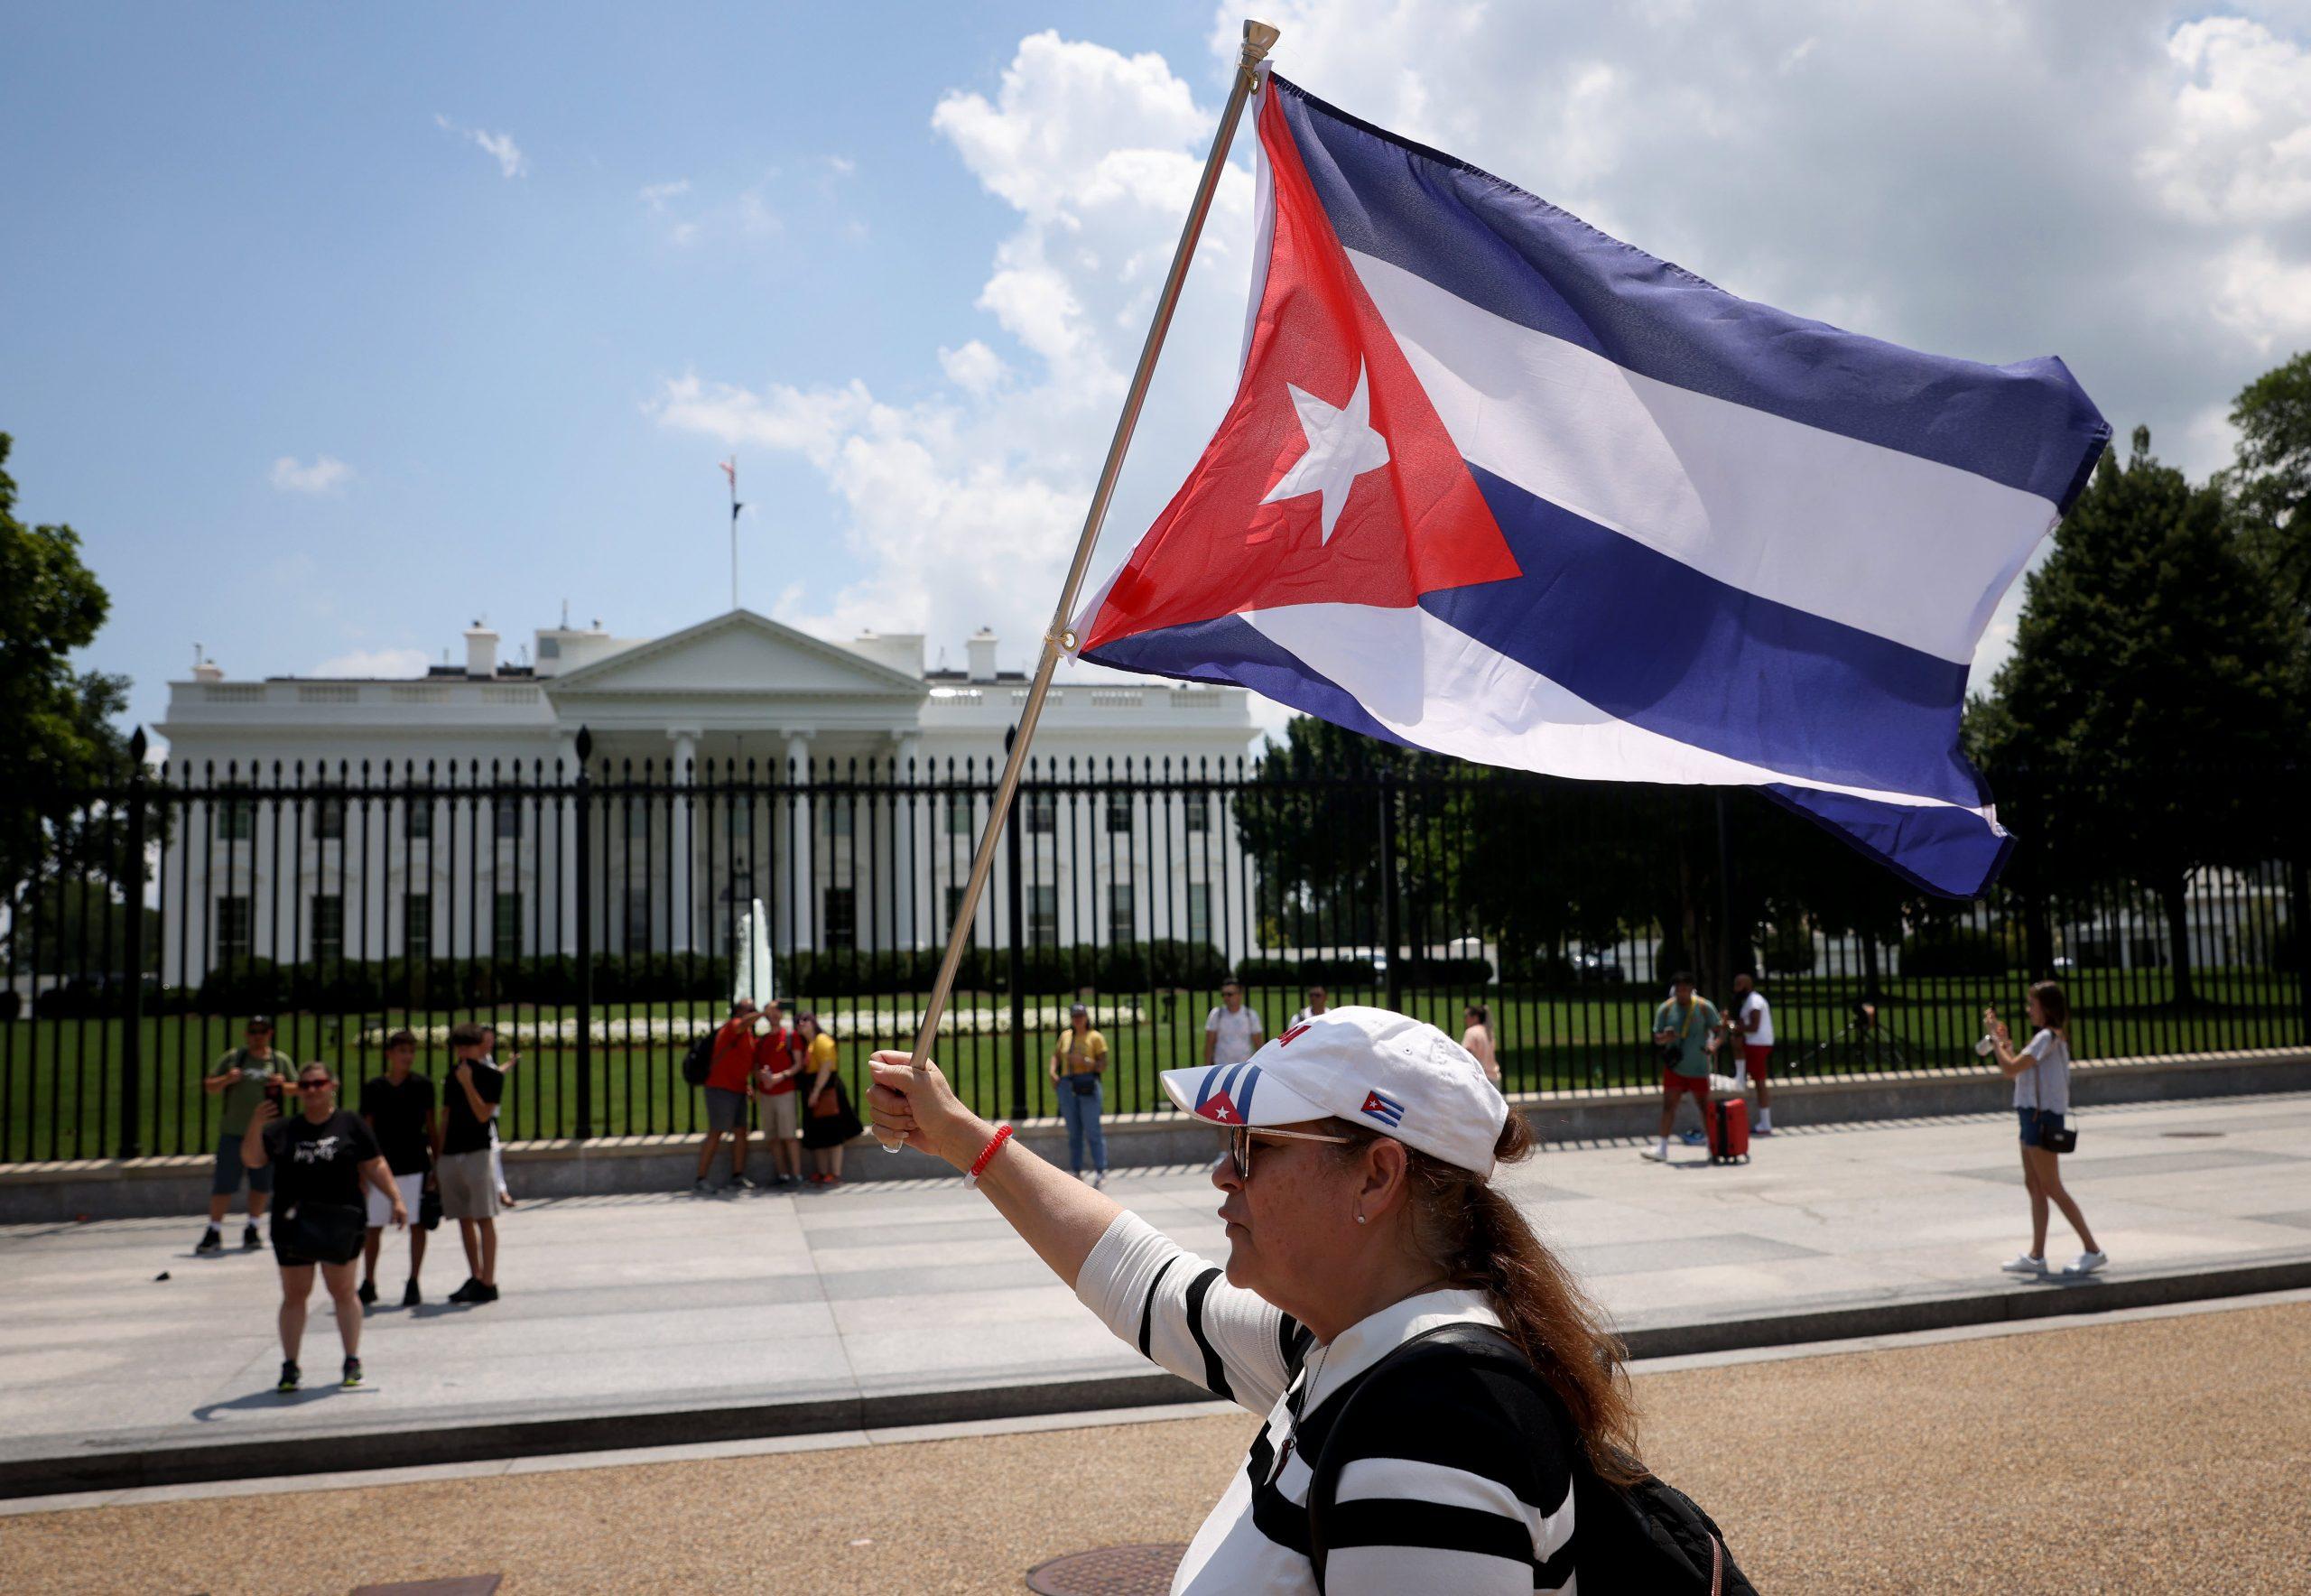 Estados Unidos considera formas de ayudar al pueblo cubano después de las protestas, dice el Departamento de Estado